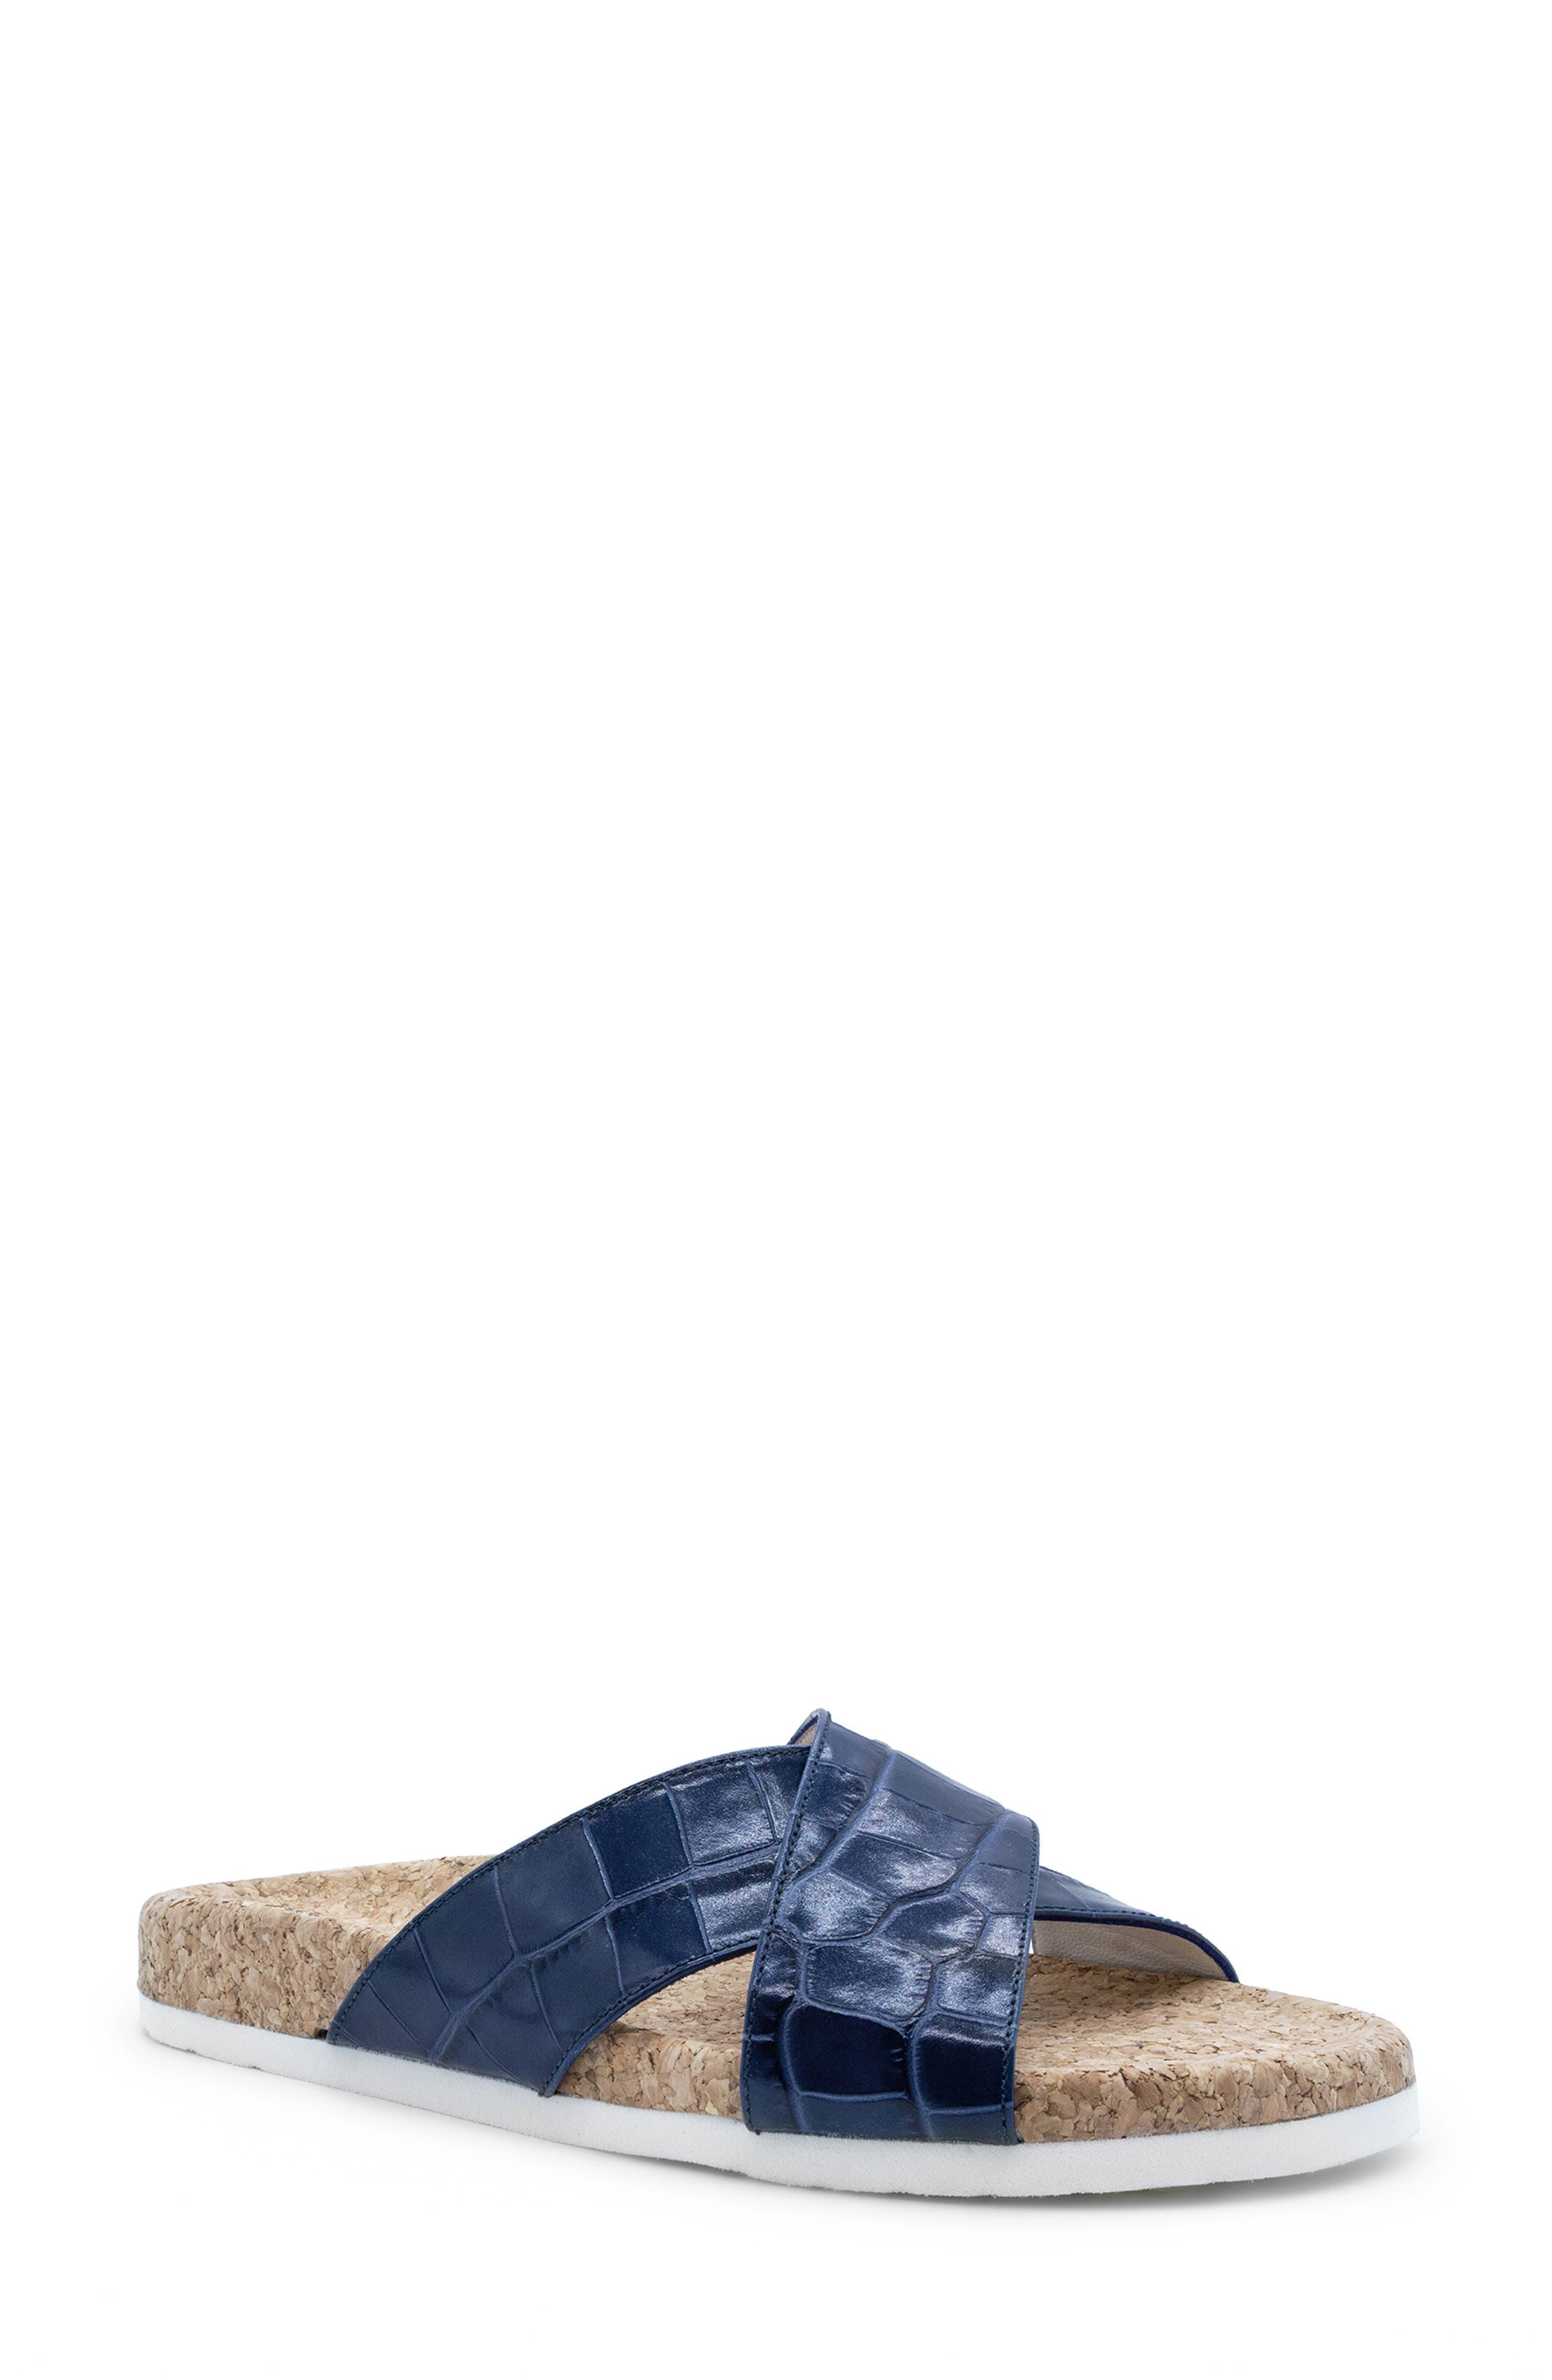 Italeau Morena Croc Embossed Waterproof Slide Sandal in Jeans at Nordstrom